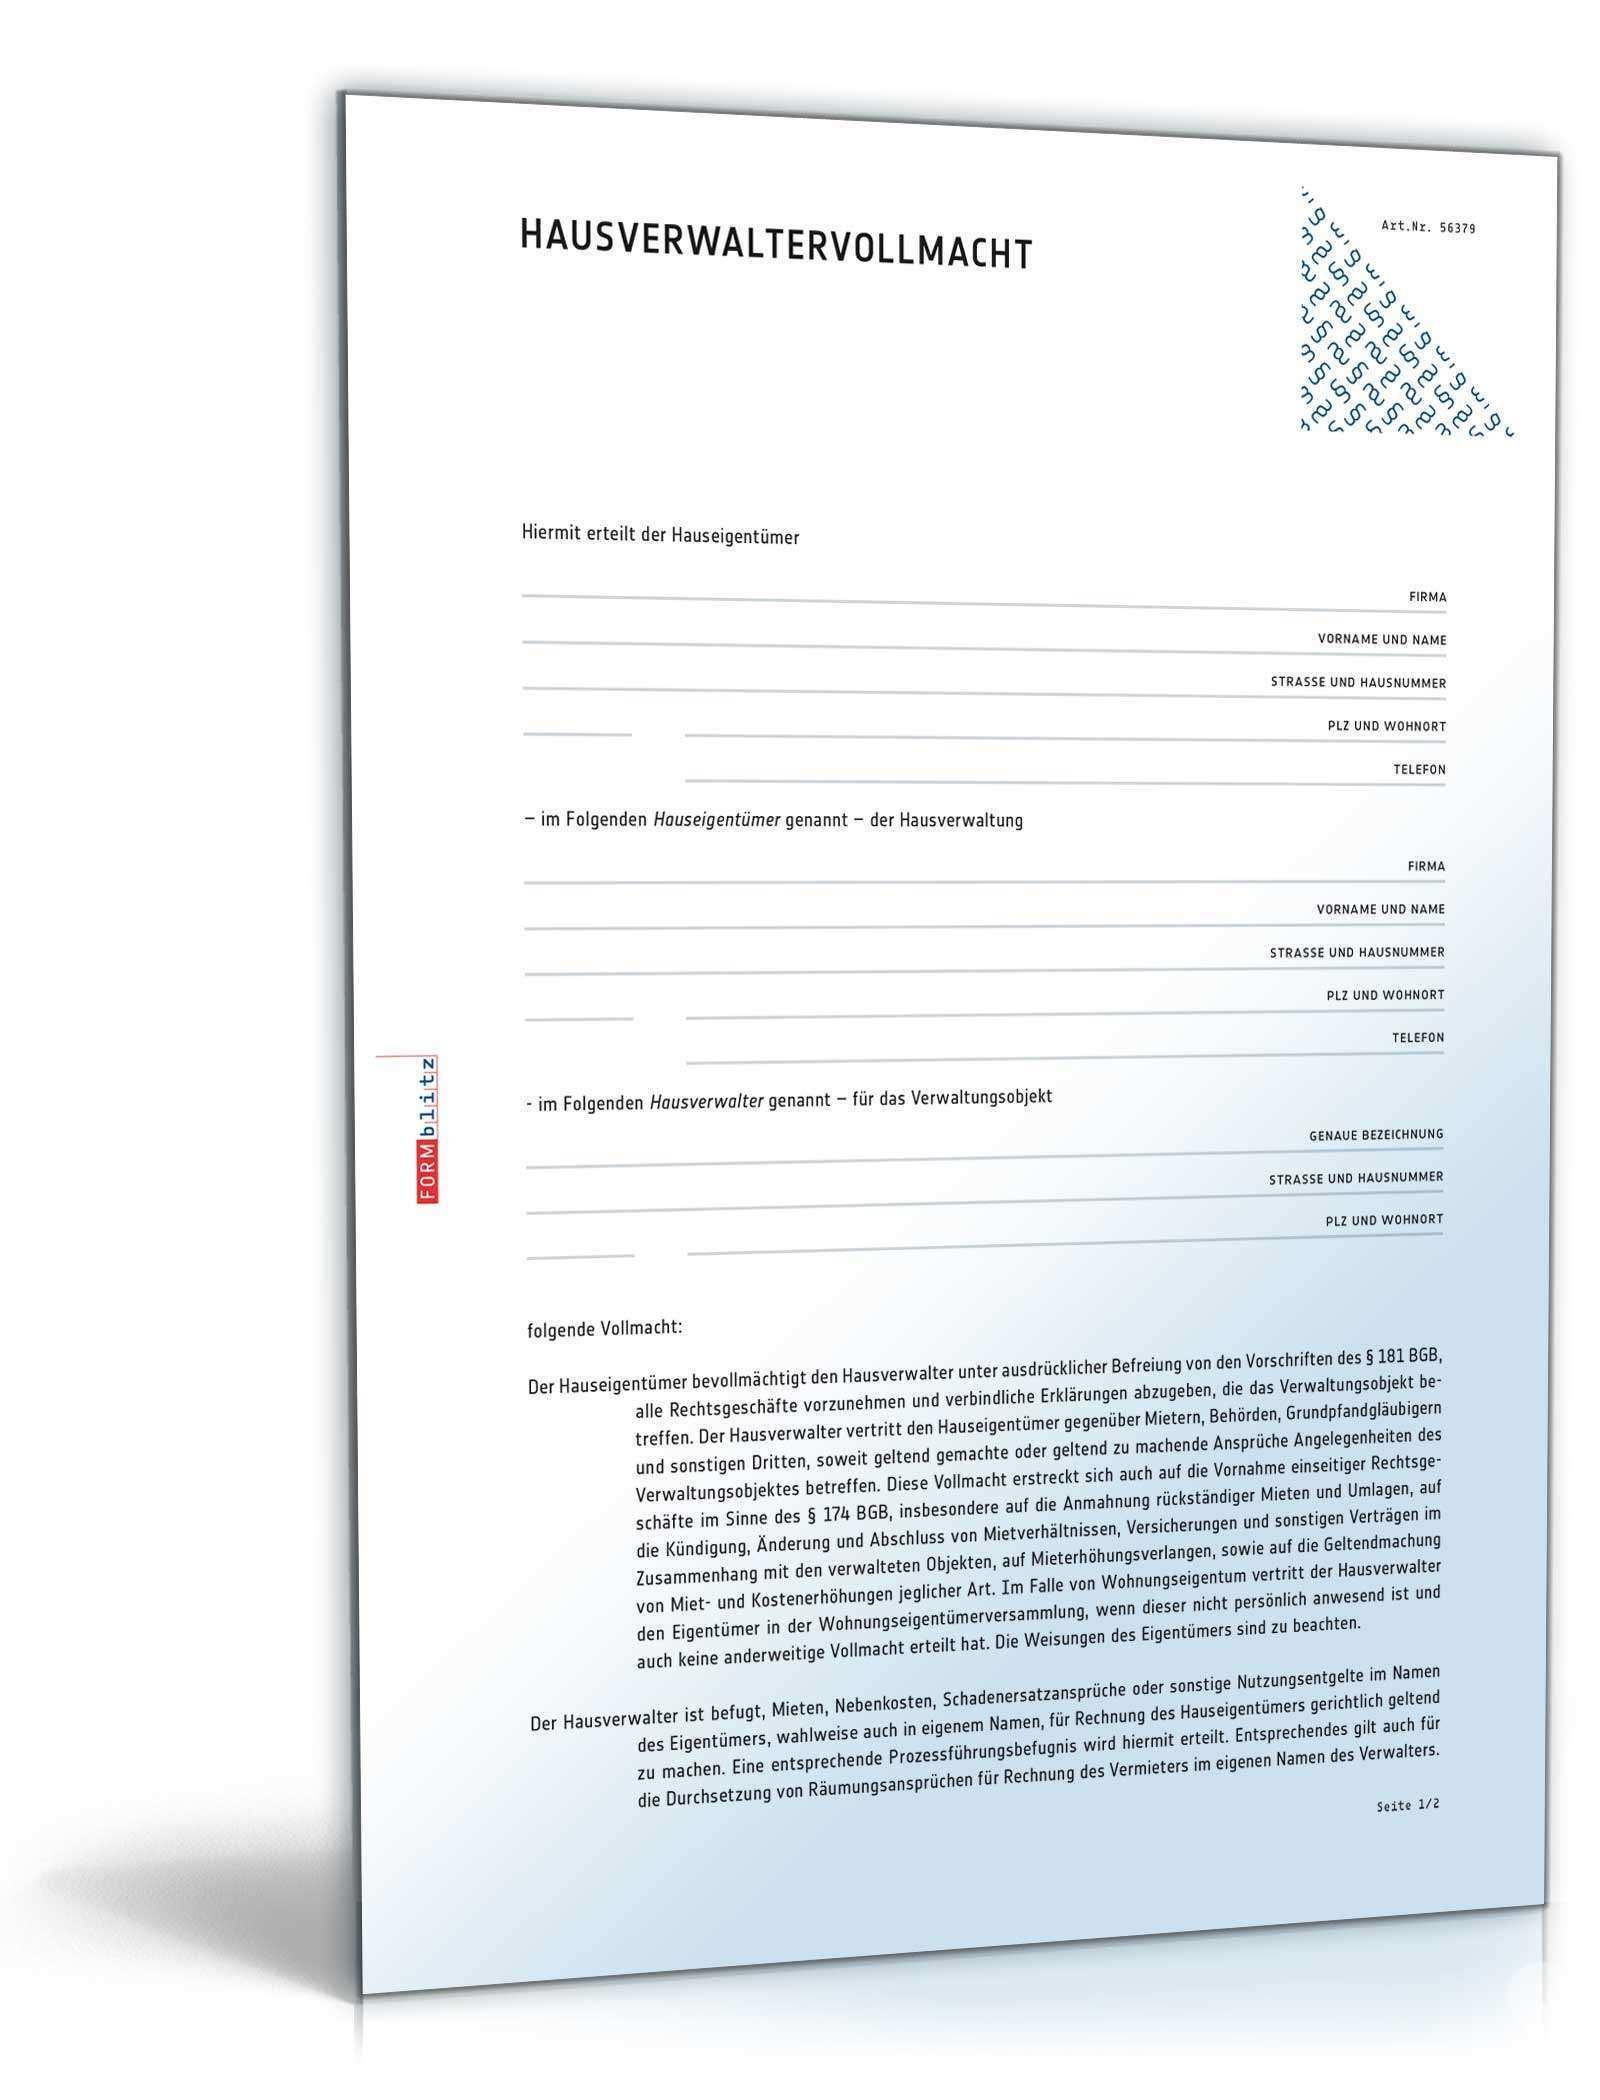 Hausverwaltervollmacht Muster Zum Download